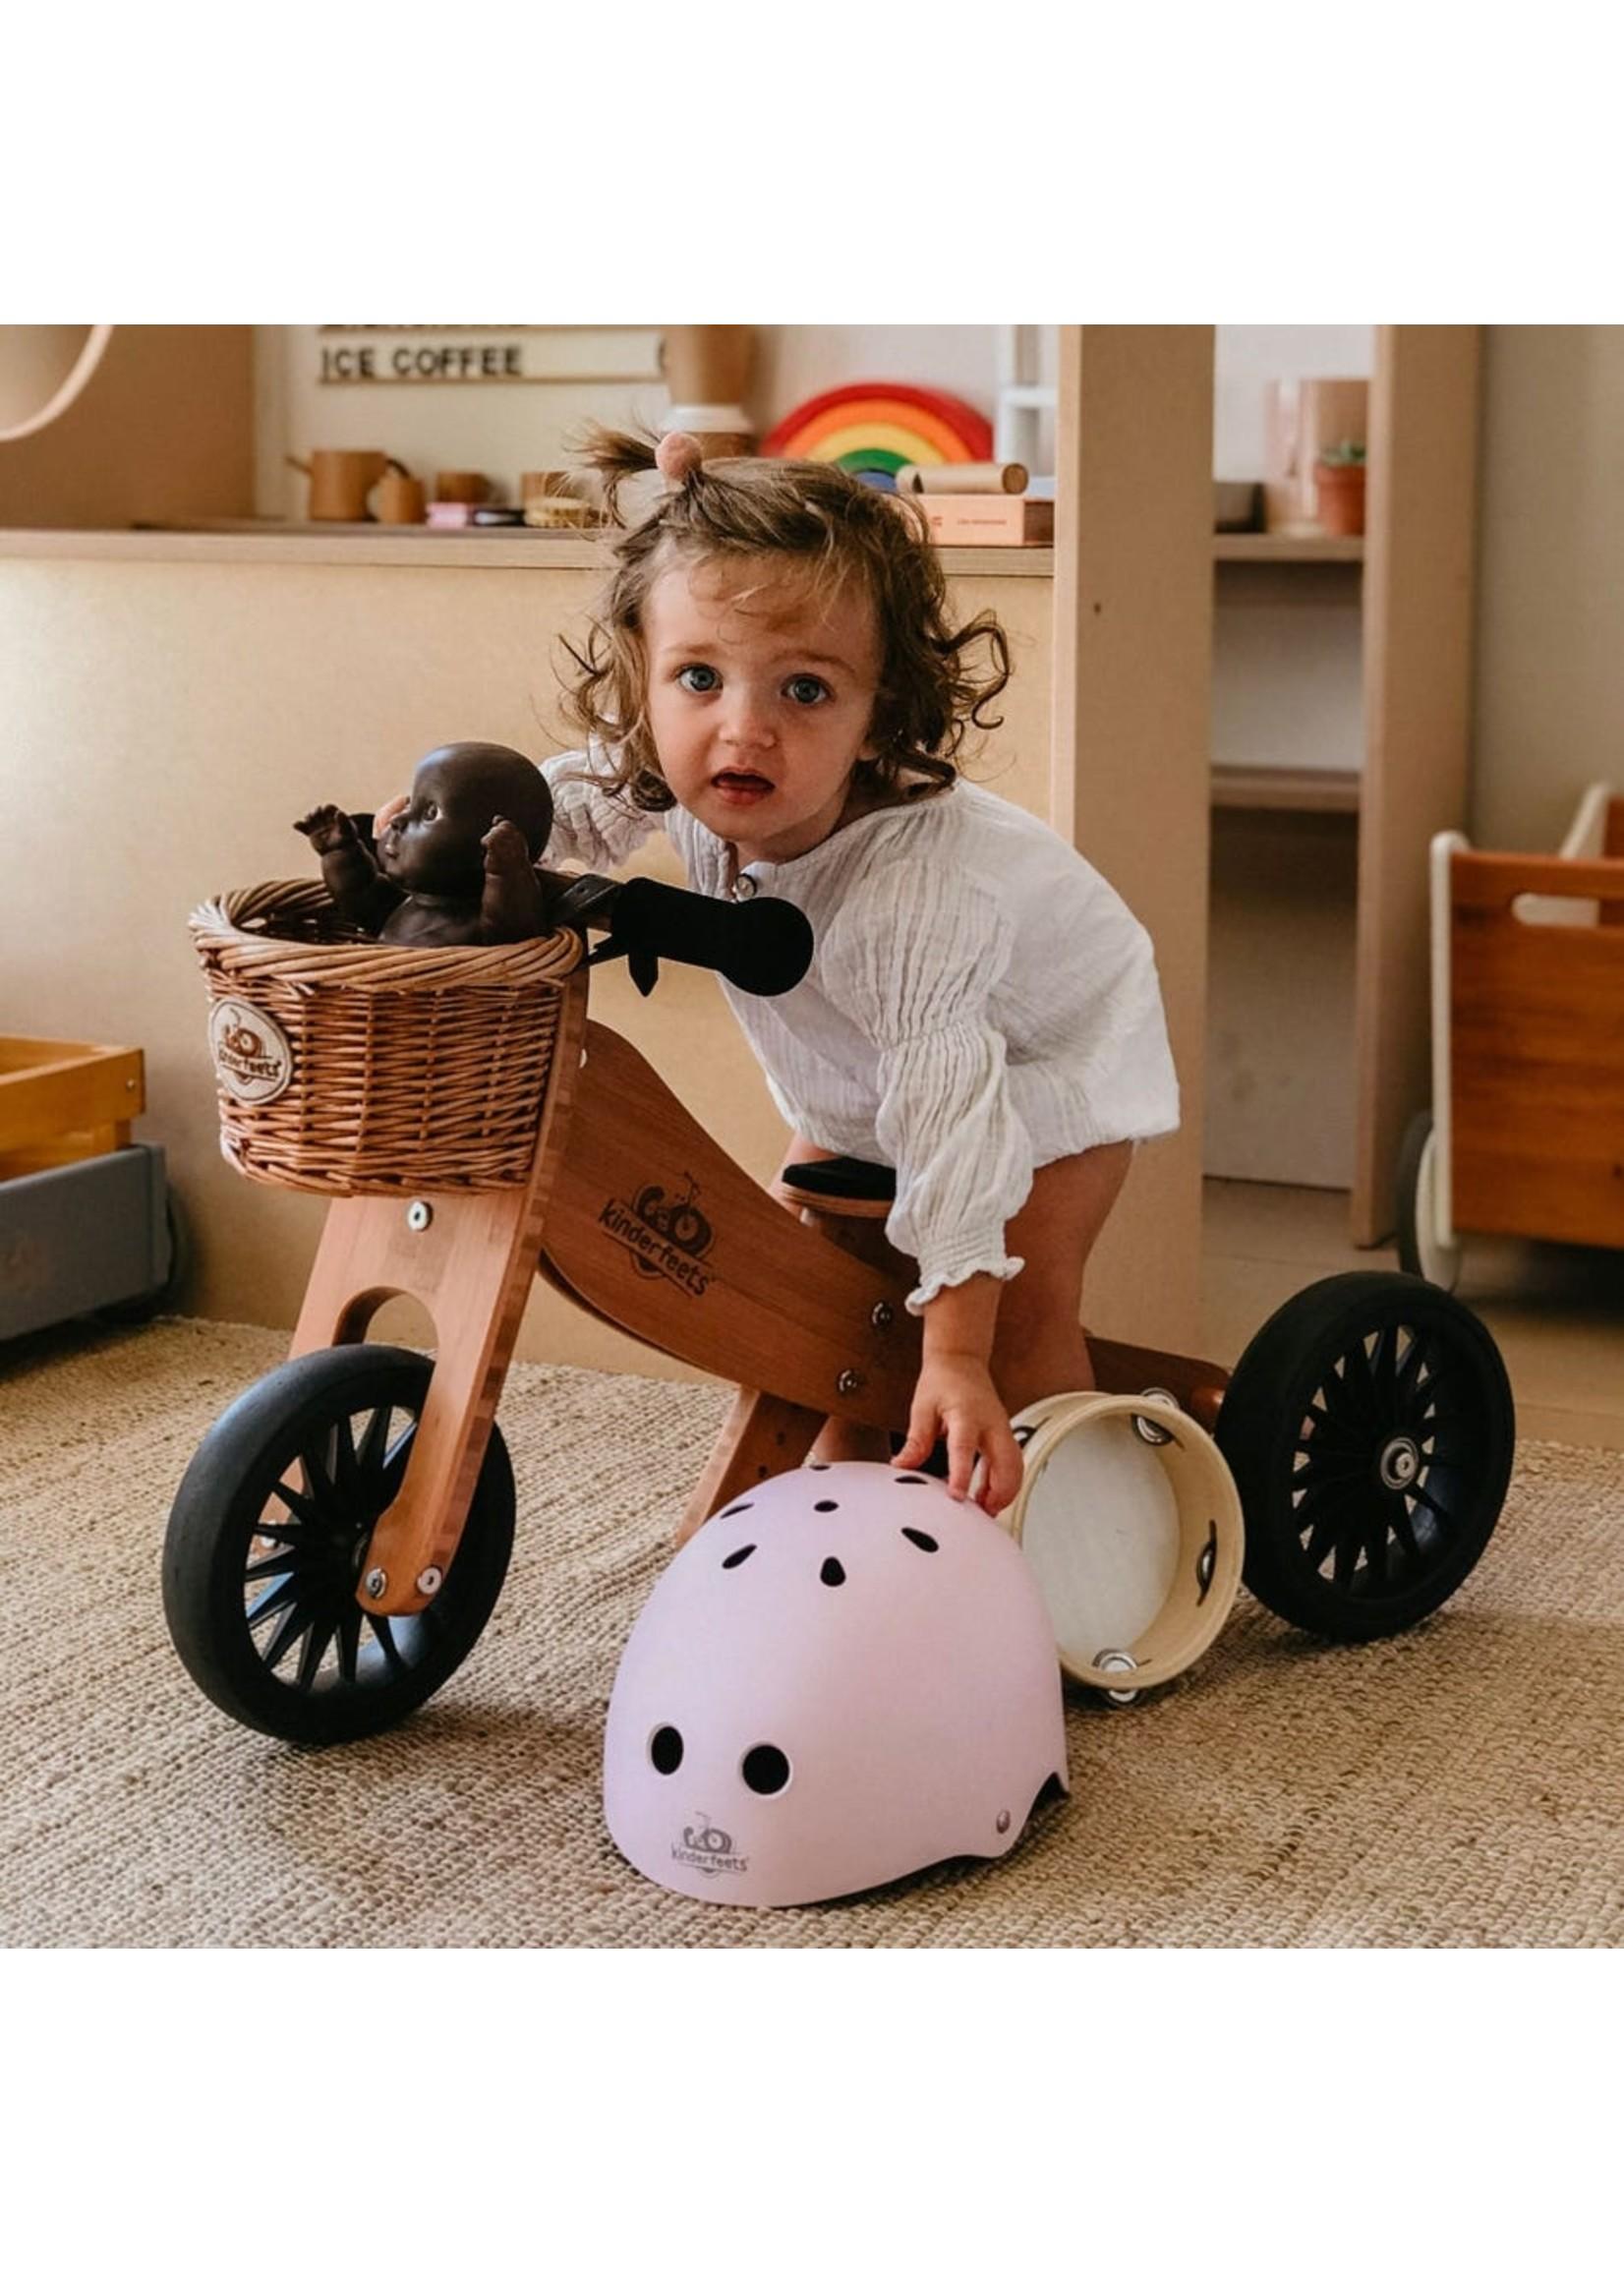 Kinderfeets Panier pour vélo